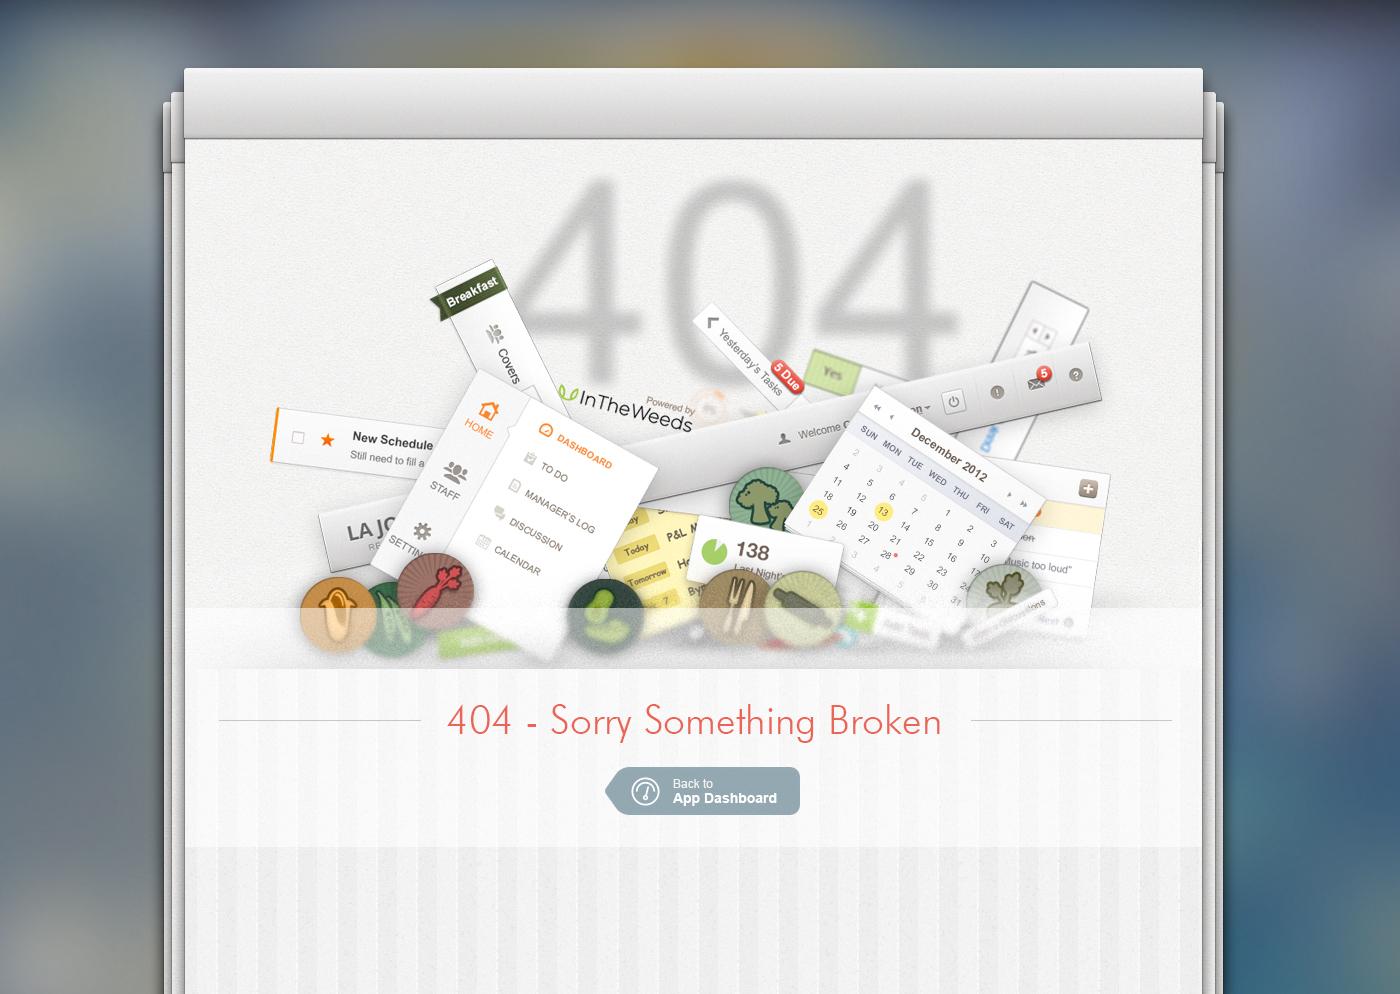 404 broken ui real pixel